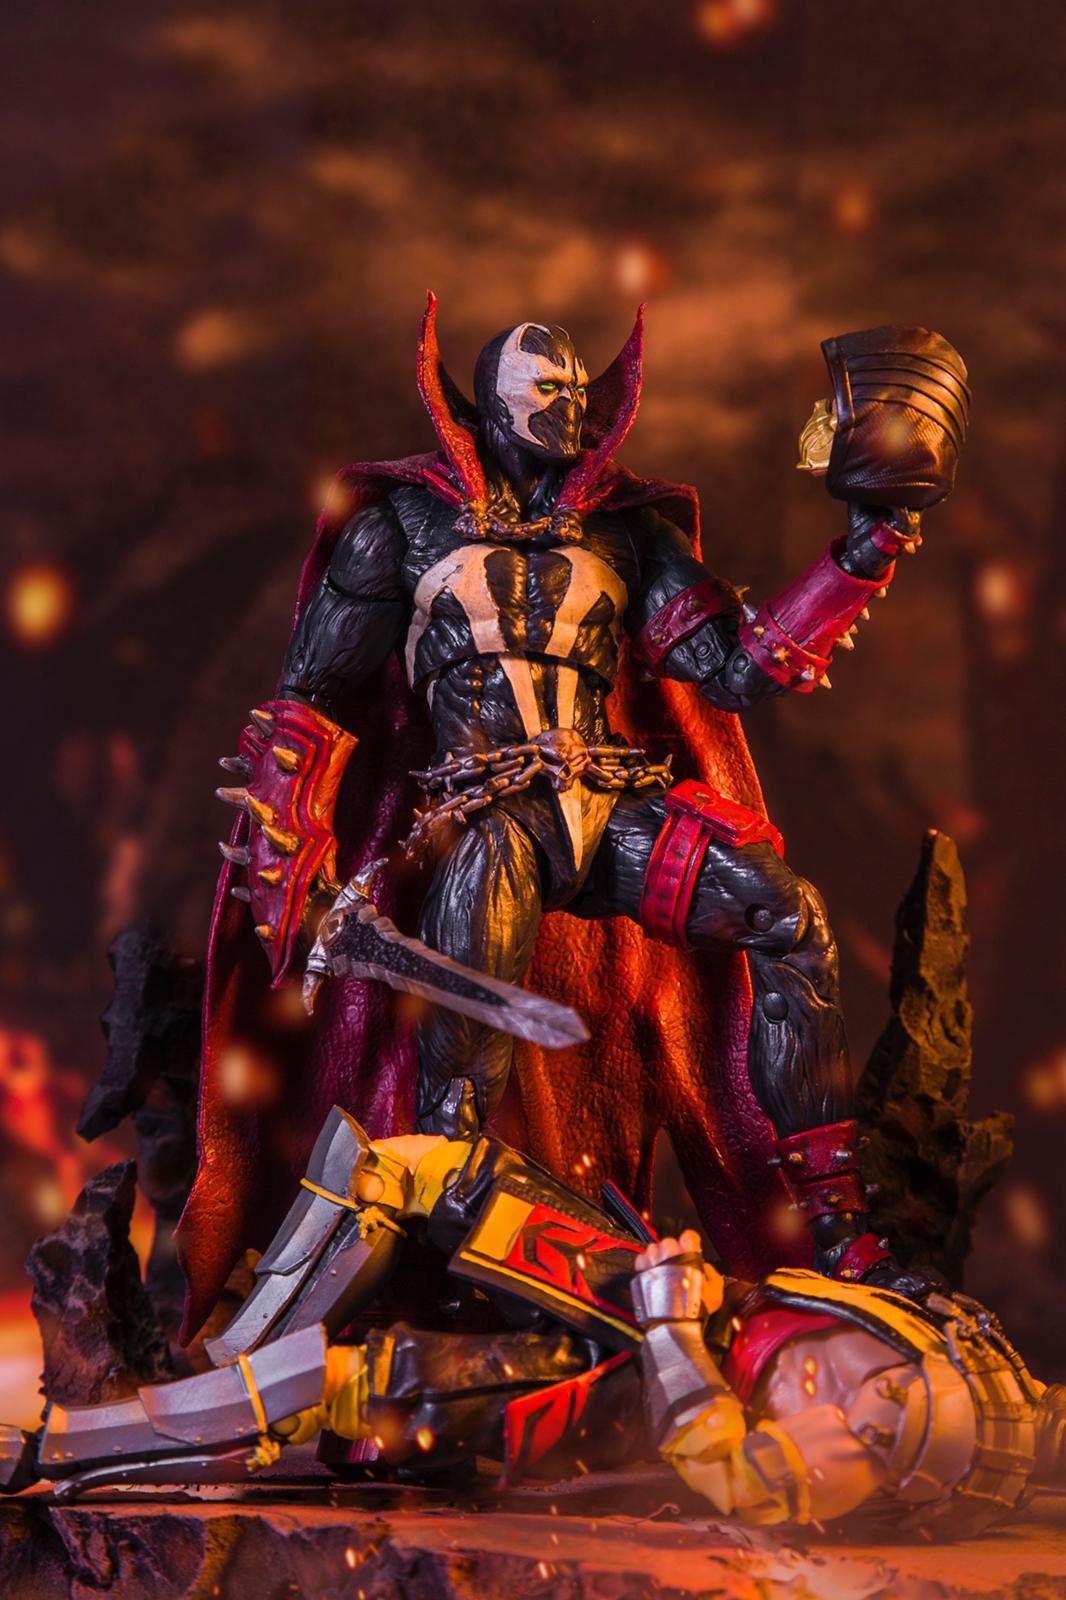 เปิดตัวของเล่นใหม่ SPAWN ถือดาบ  พร้อมลง Mortal Kombat 11 มีนาคมนี้